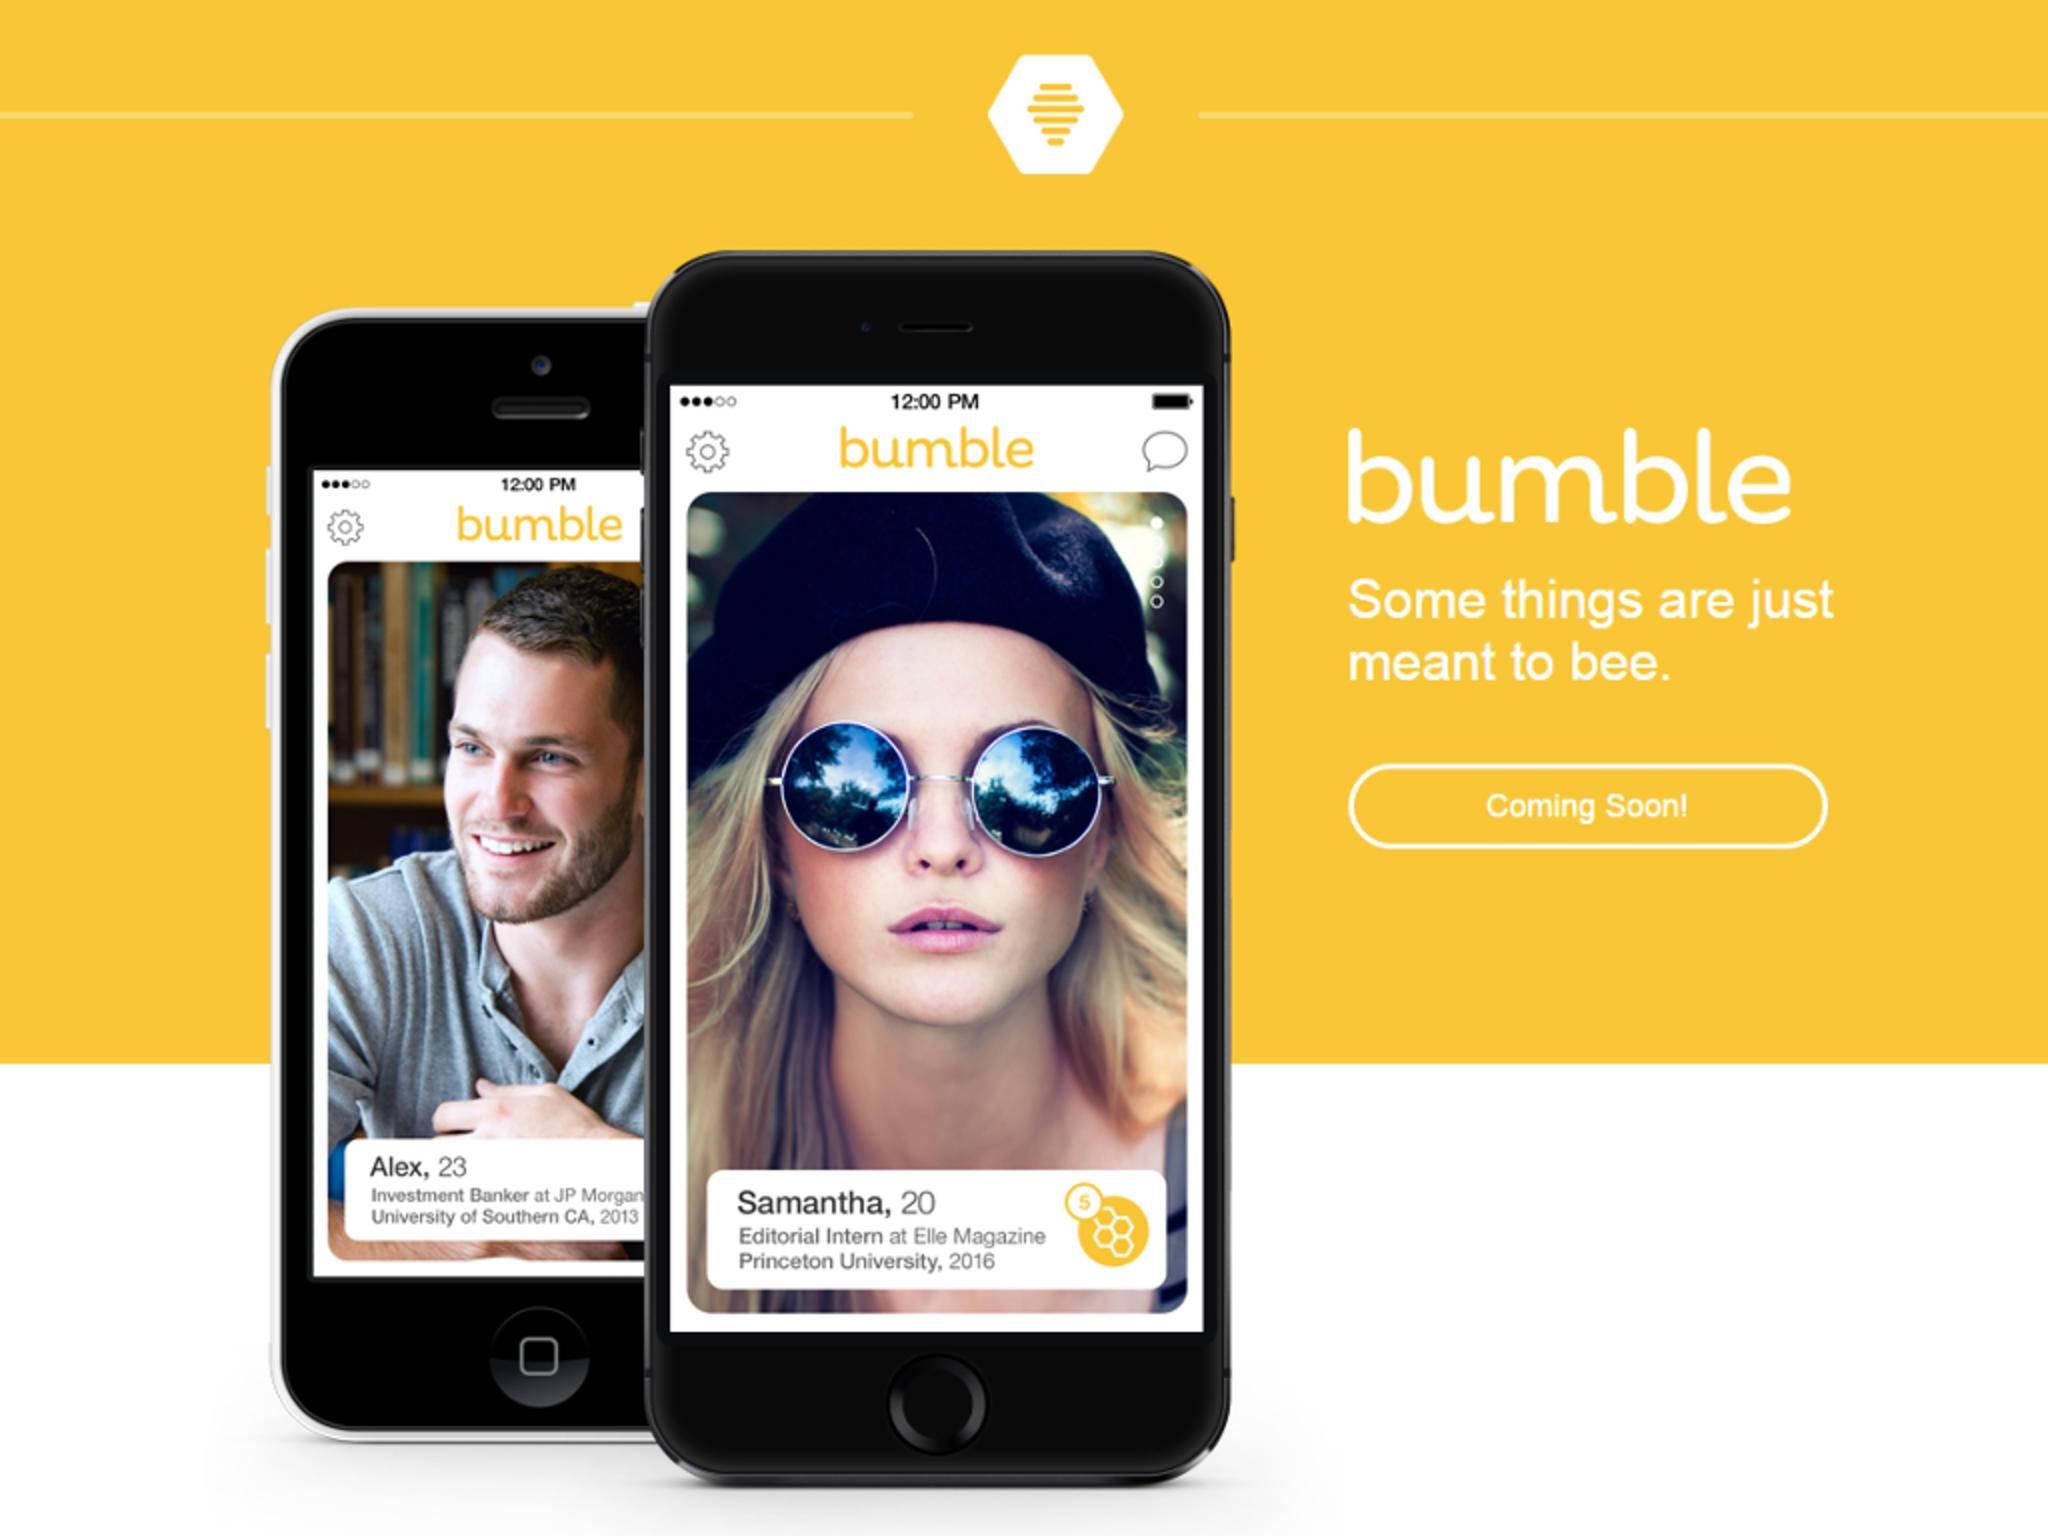 Bei der Dating-App Bumble dürfen nur Frauen den ersten Schritt machen.